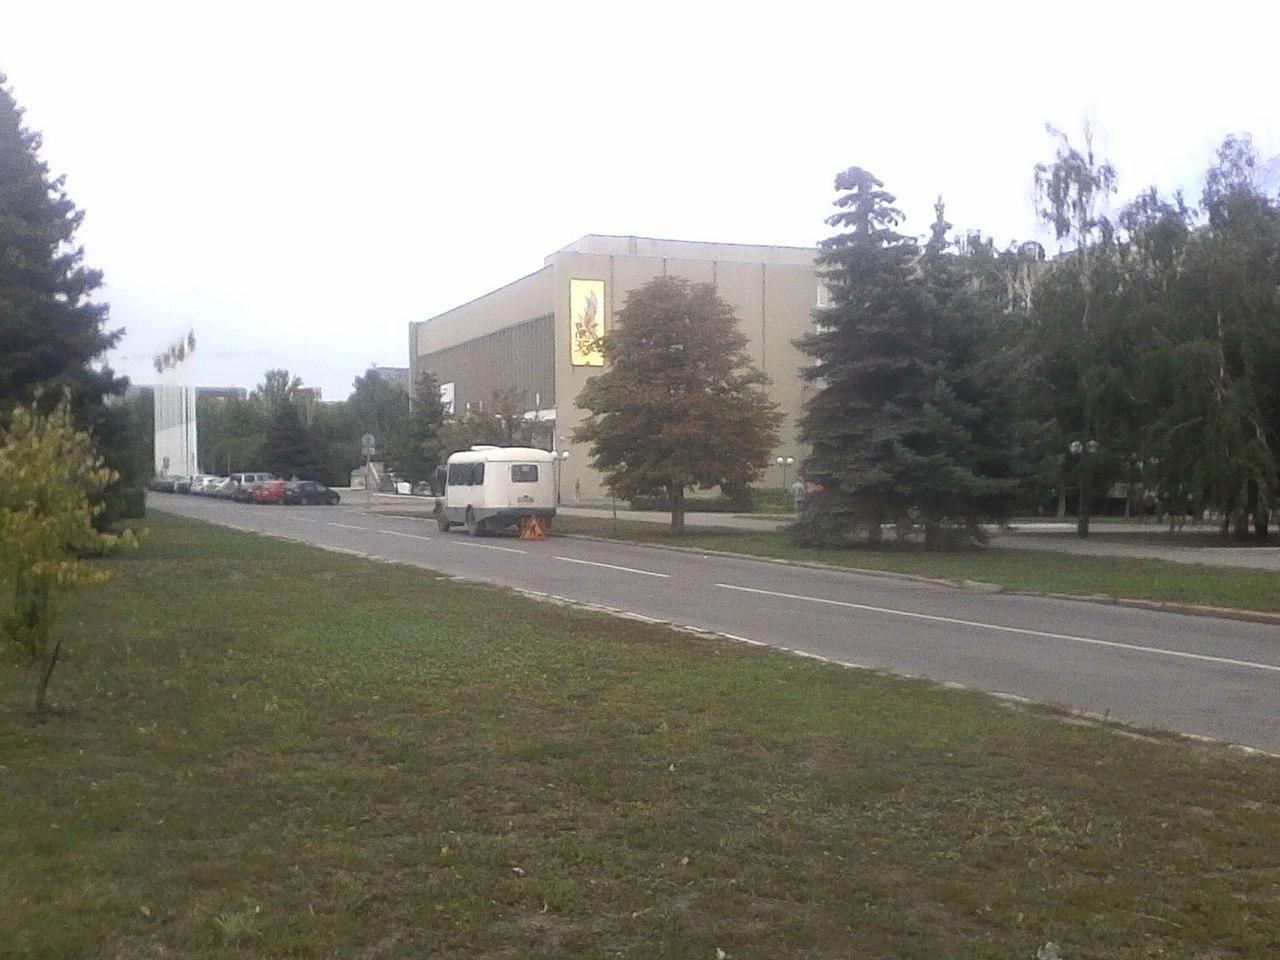 ВПензе наМаксима Горького произошла коммунальная авария